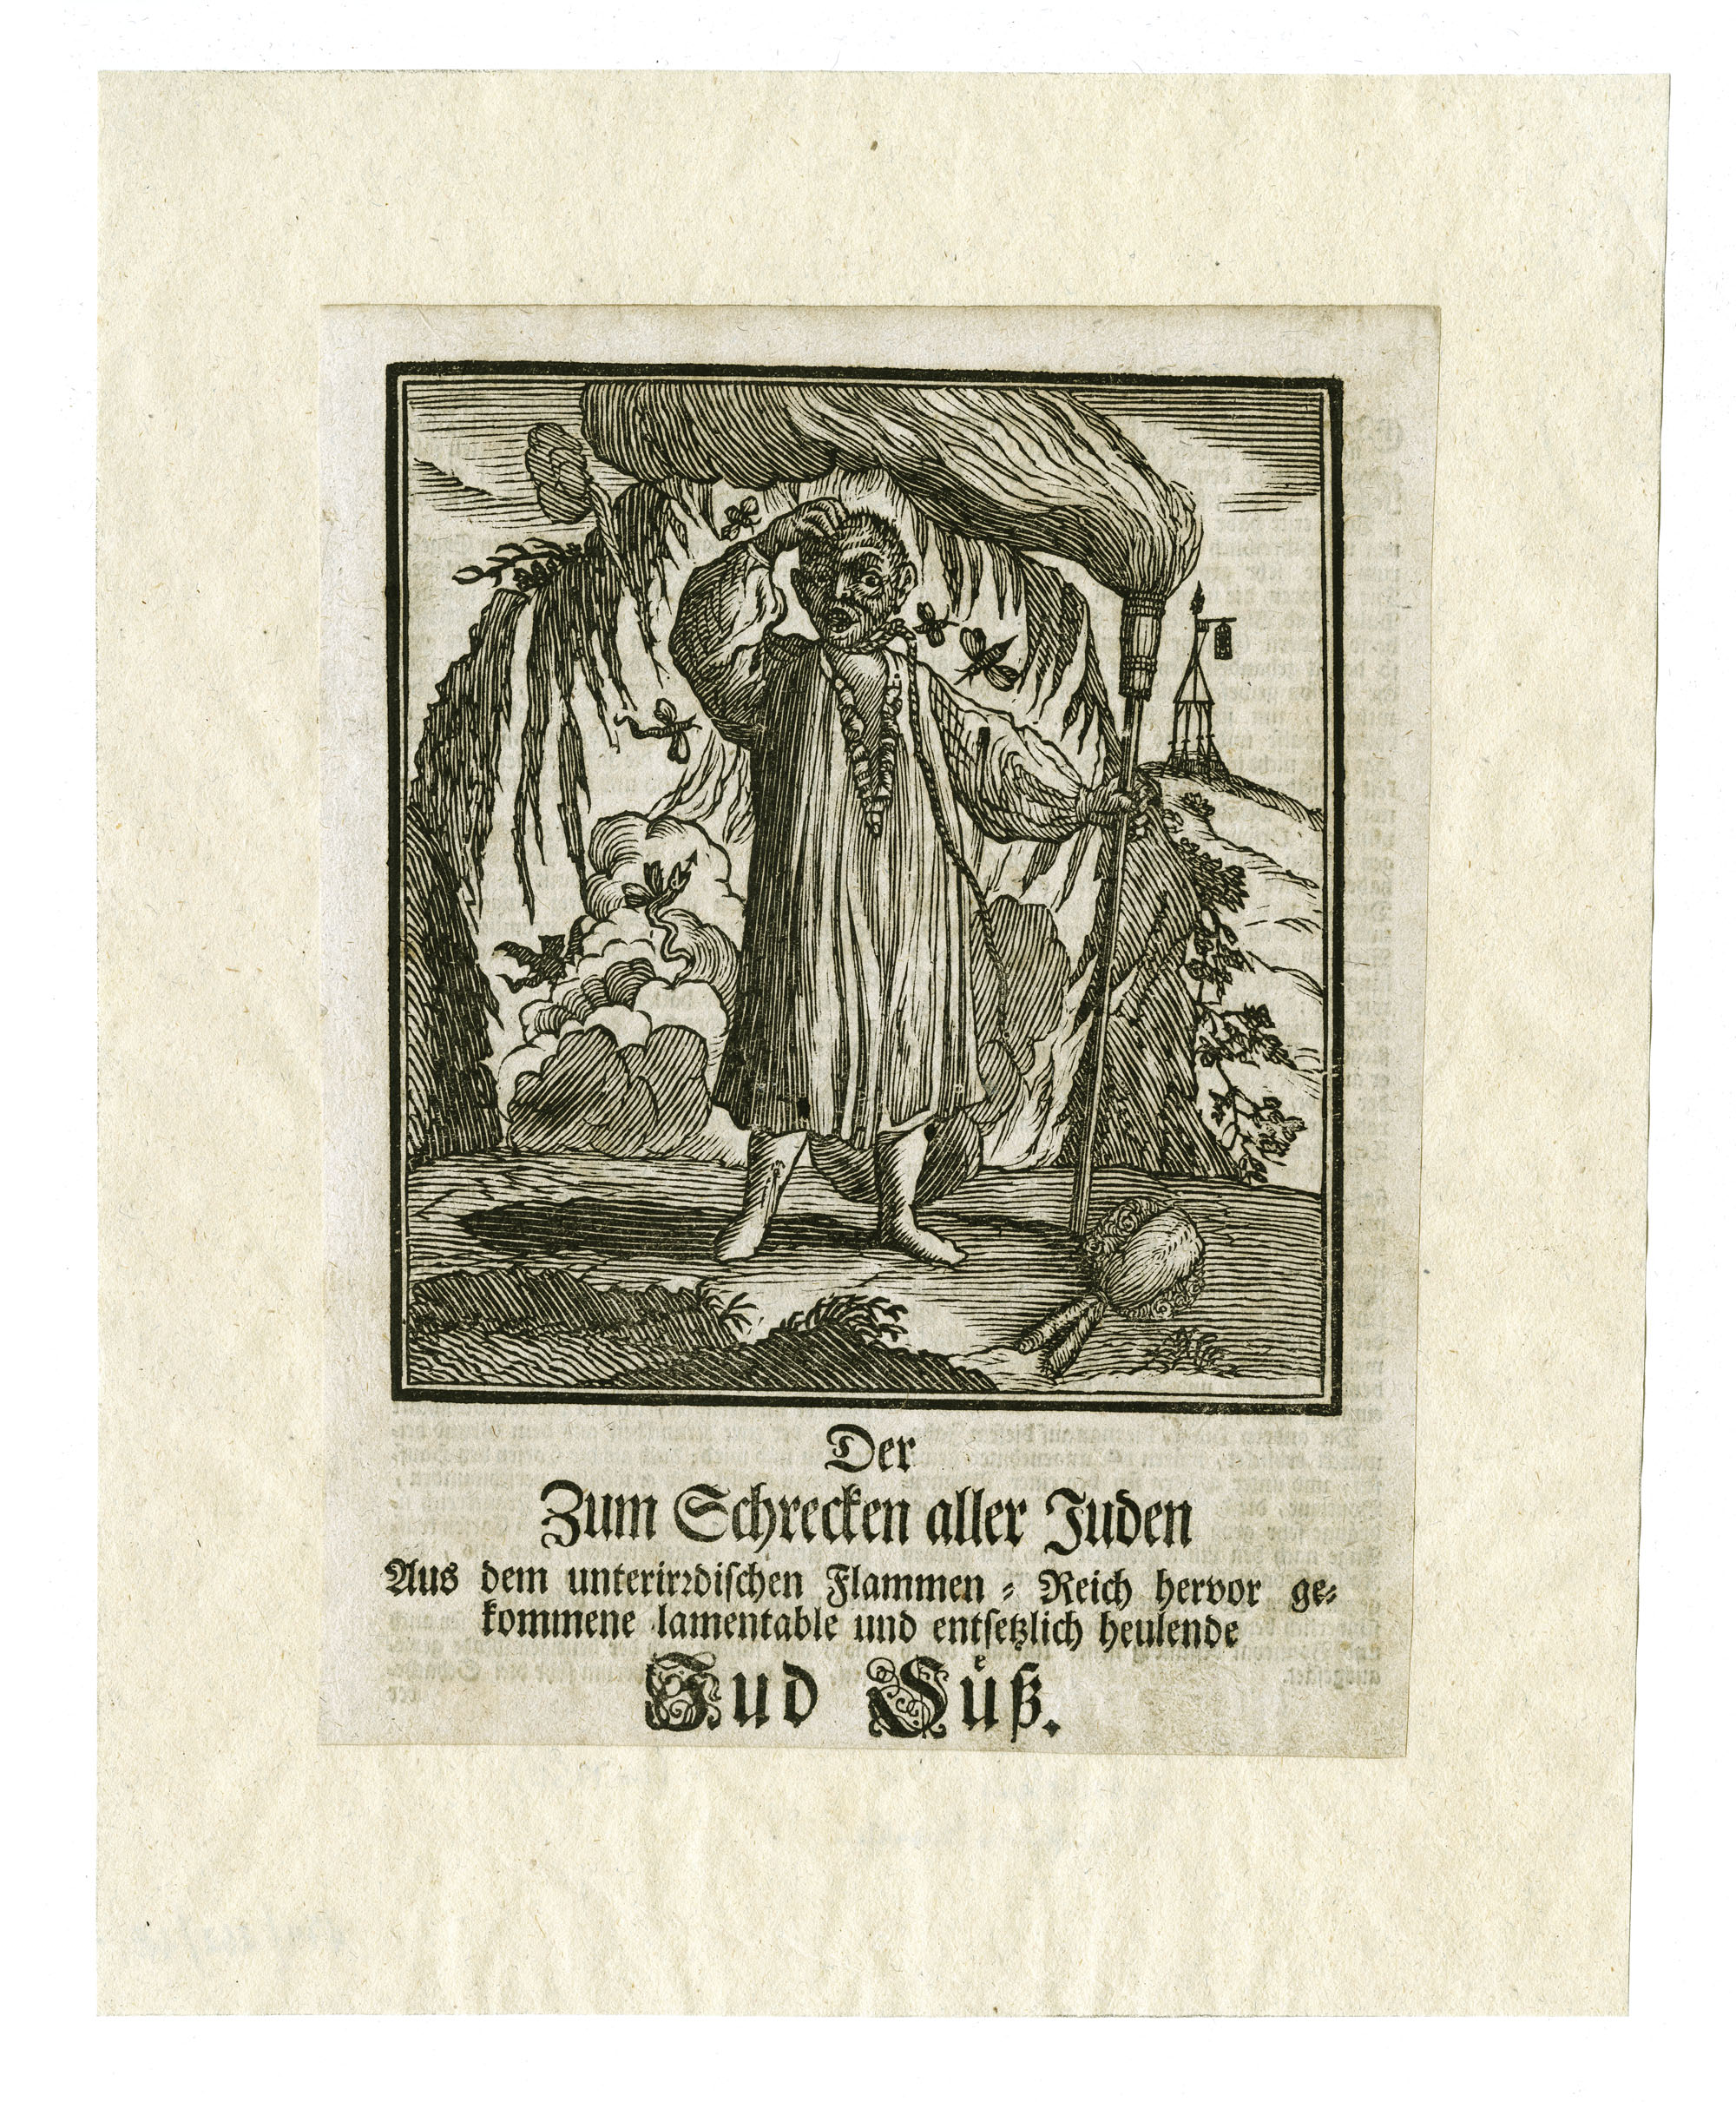 Der Zum Schrecken aller Juden : Aus dem unterirdischen Flammen-Reich hervor gekommene lamentable und entsetzlich heulende Jud Süss